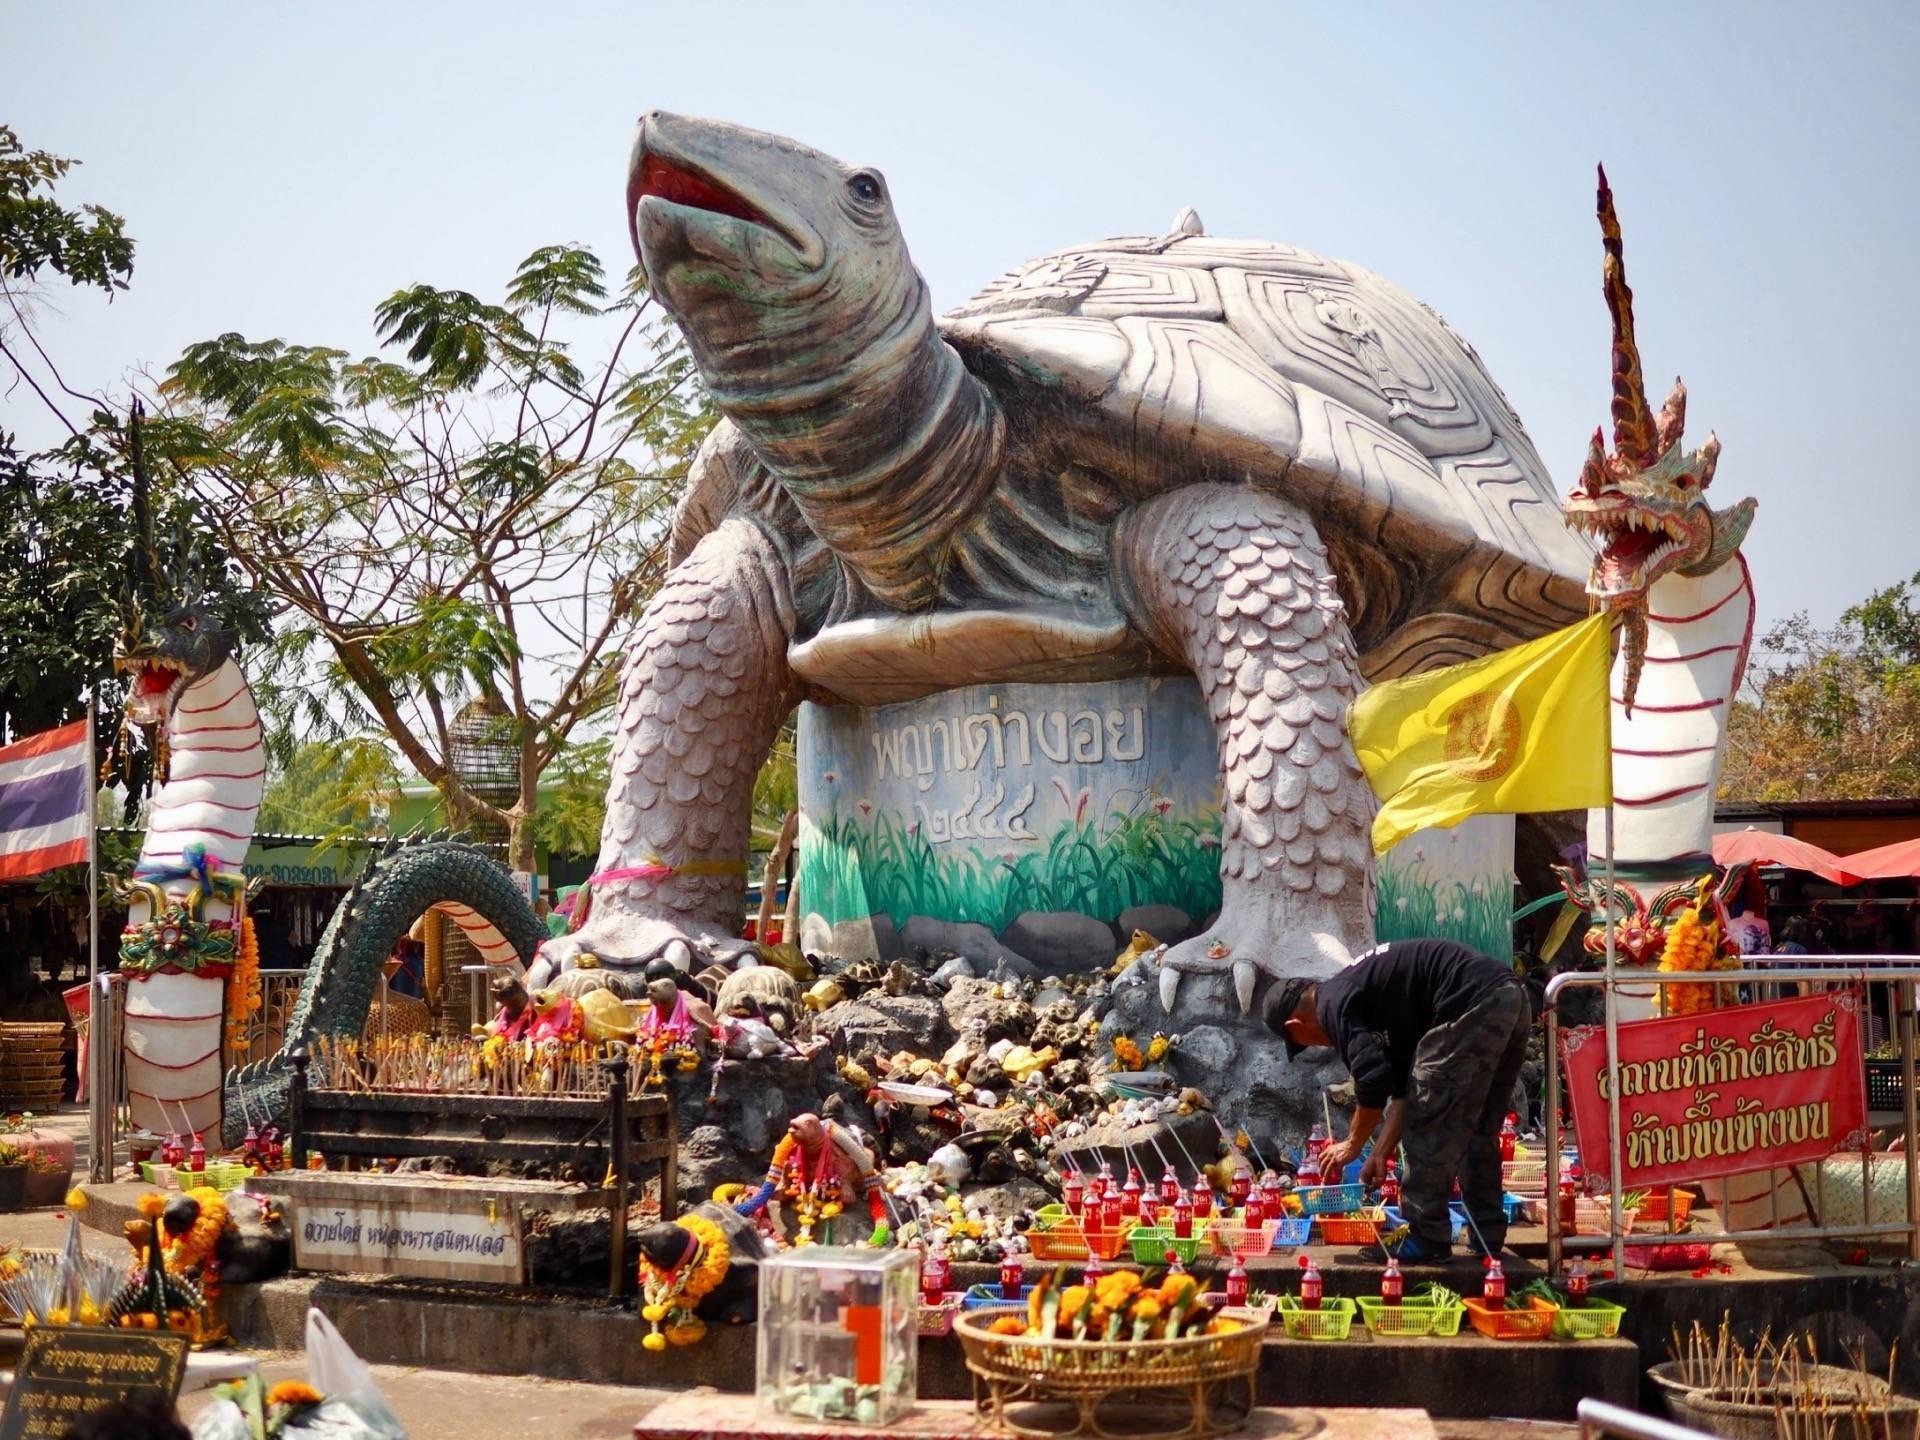 หวย../ ที่โด่งดัง ของเมืองไทย 5 สถานที่ ที่คอหวยควรไป ห้ามพลาด - https://tookhuay.com/